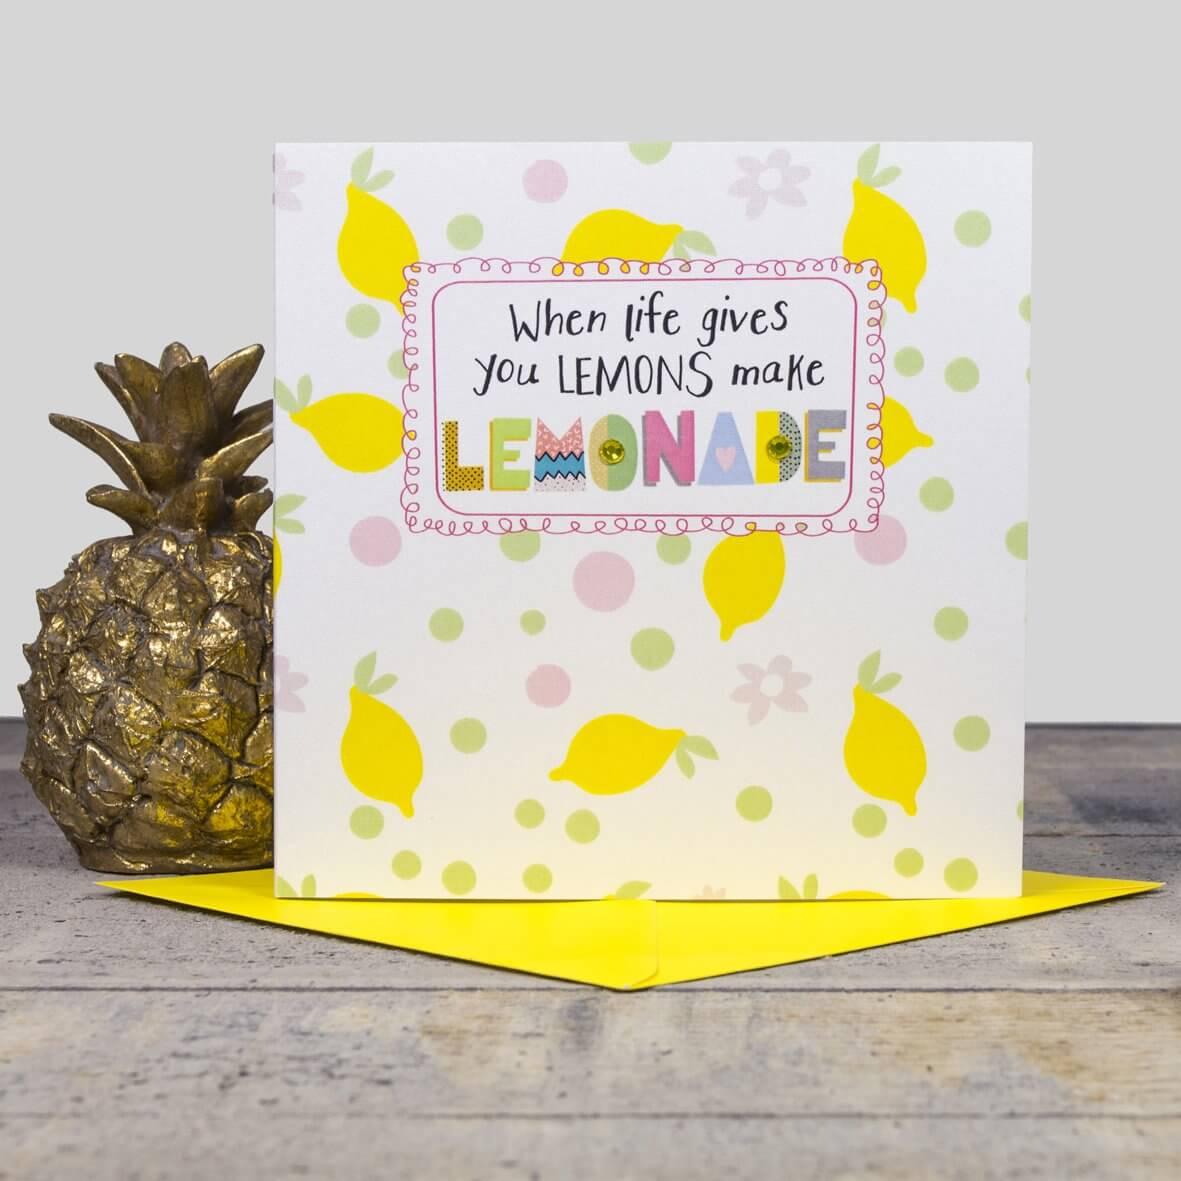 When life gives you Lemons make Lemonade Card